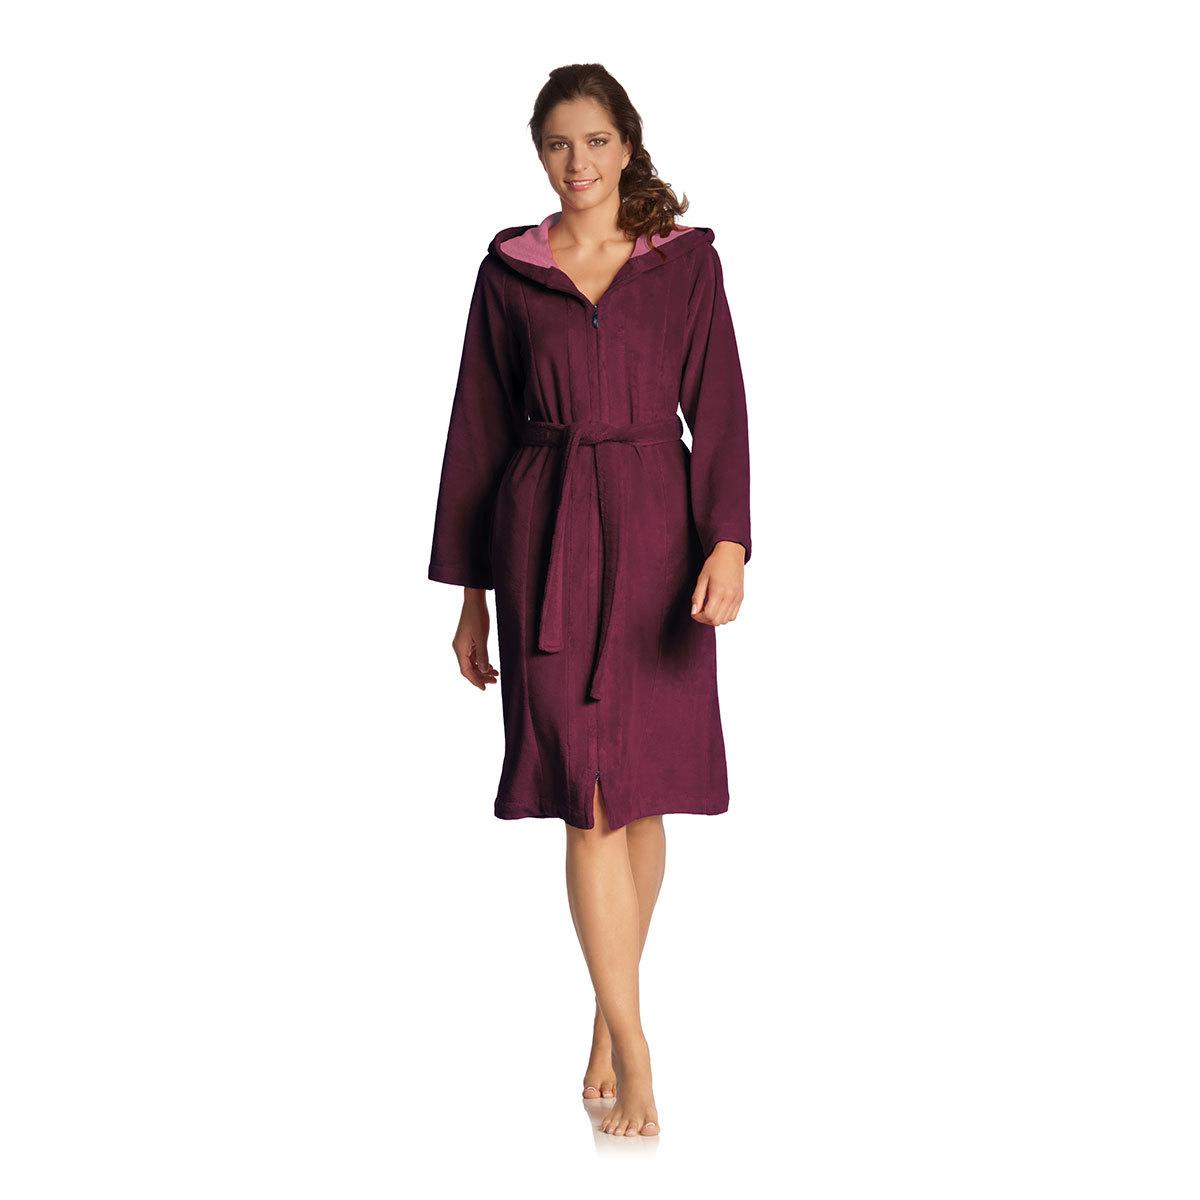 vossen damen bademantel palermo burgundy g nstig online kaufen bei bettwaren shop. Black Bedroom Furniture Sets. Home Design Ideas